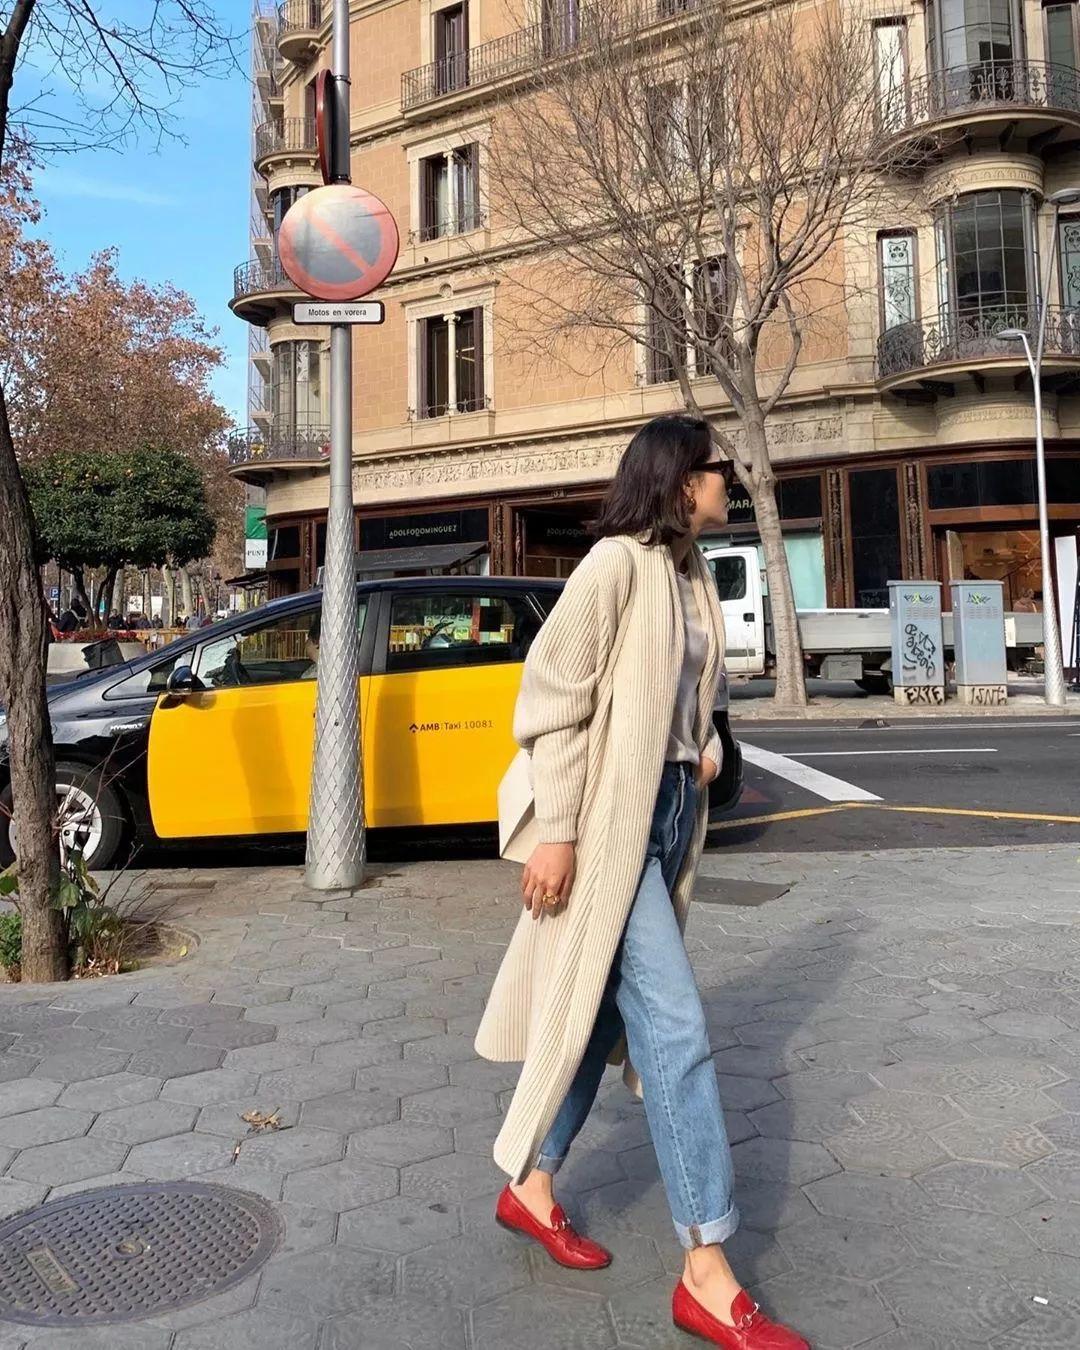 Đừng mãi quanh quẩn với giày đen/trắng nữa, giày đỏ mới thực sự giúp nâng tầm style và khiến bạn trông sang như gái Pháp - Ảnh 9.